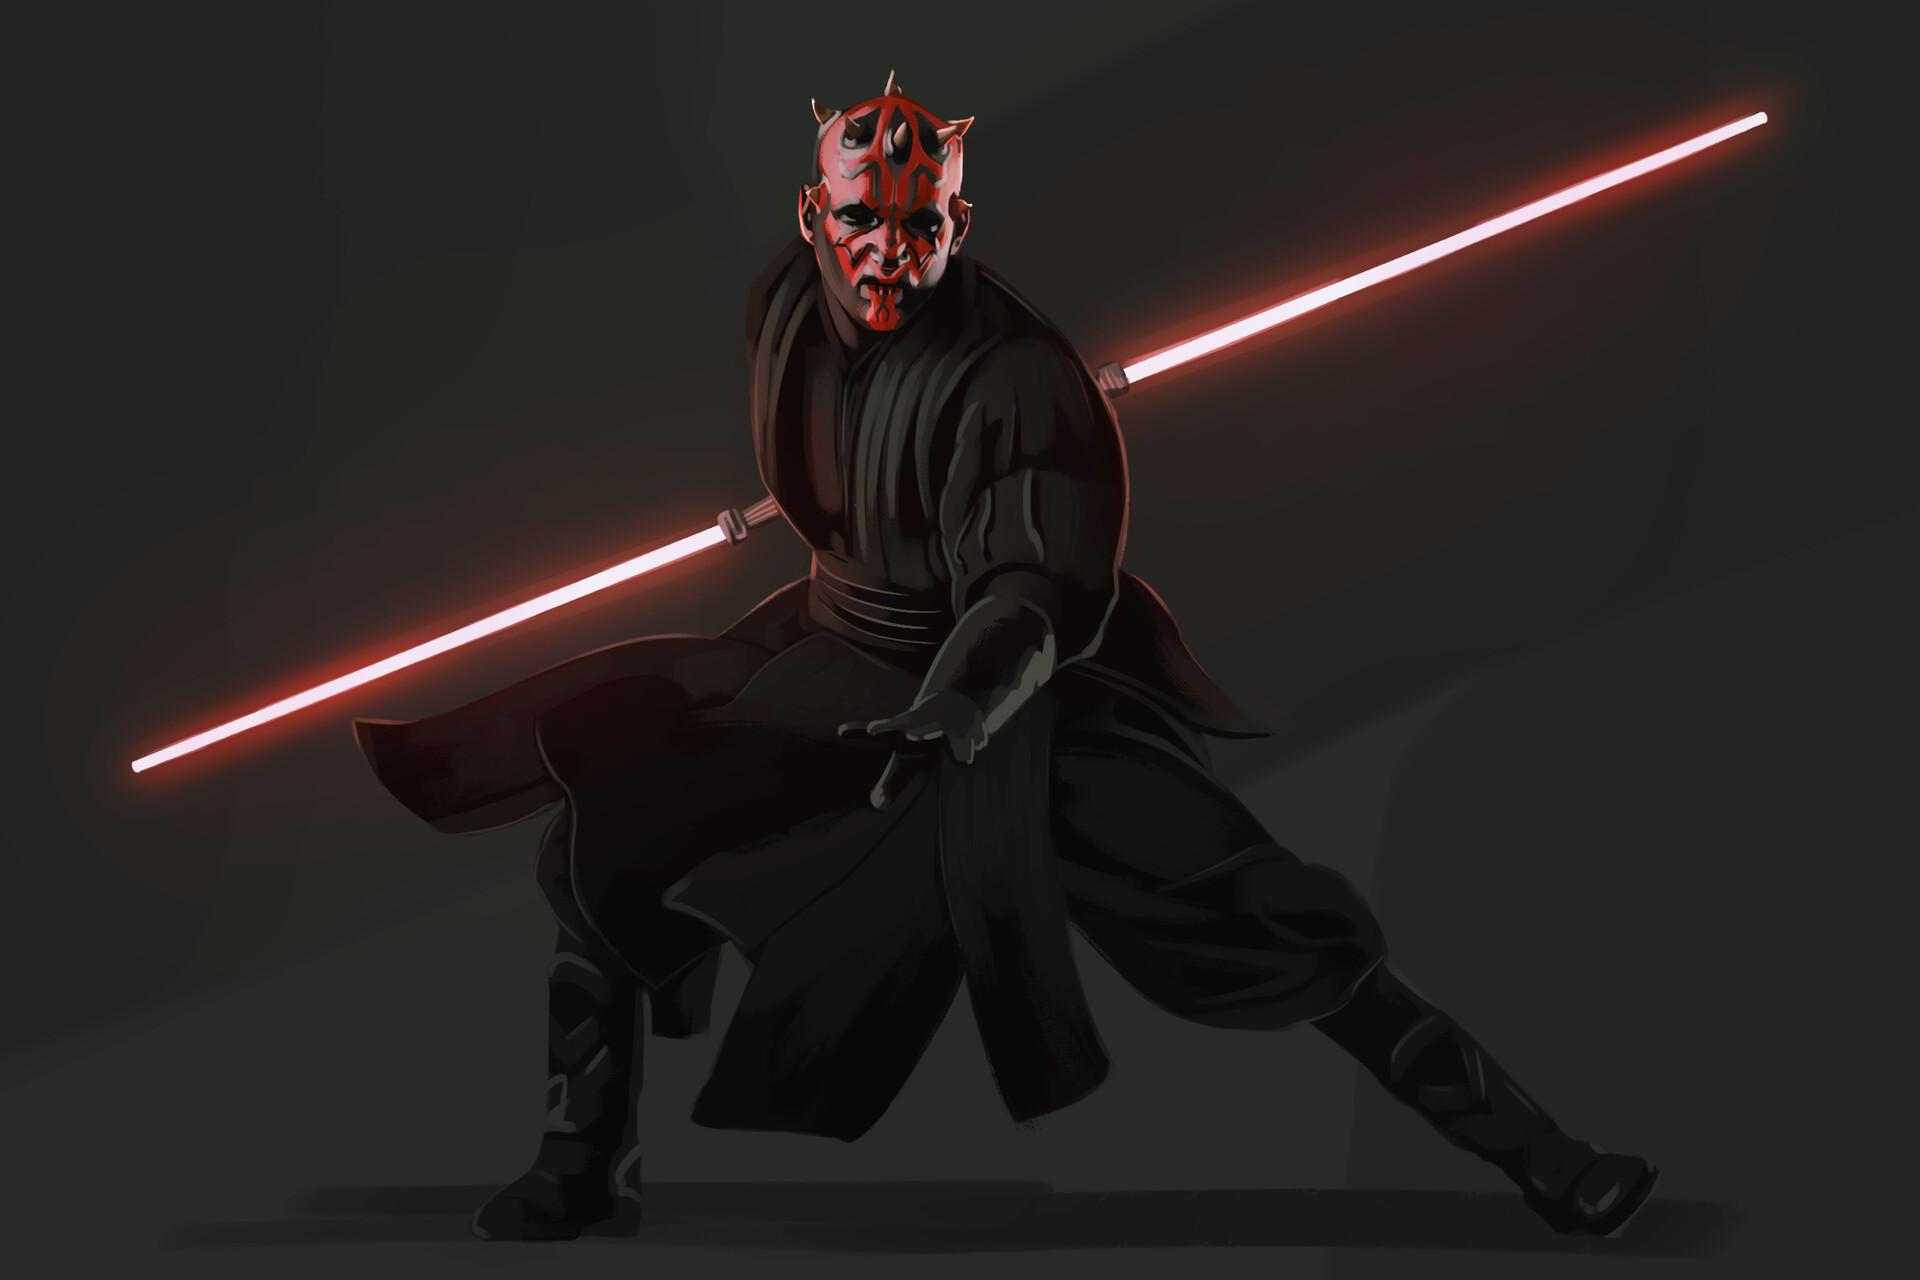 Darth Maul Lightsaber Sith Star Wars Star Wars 1920x1280